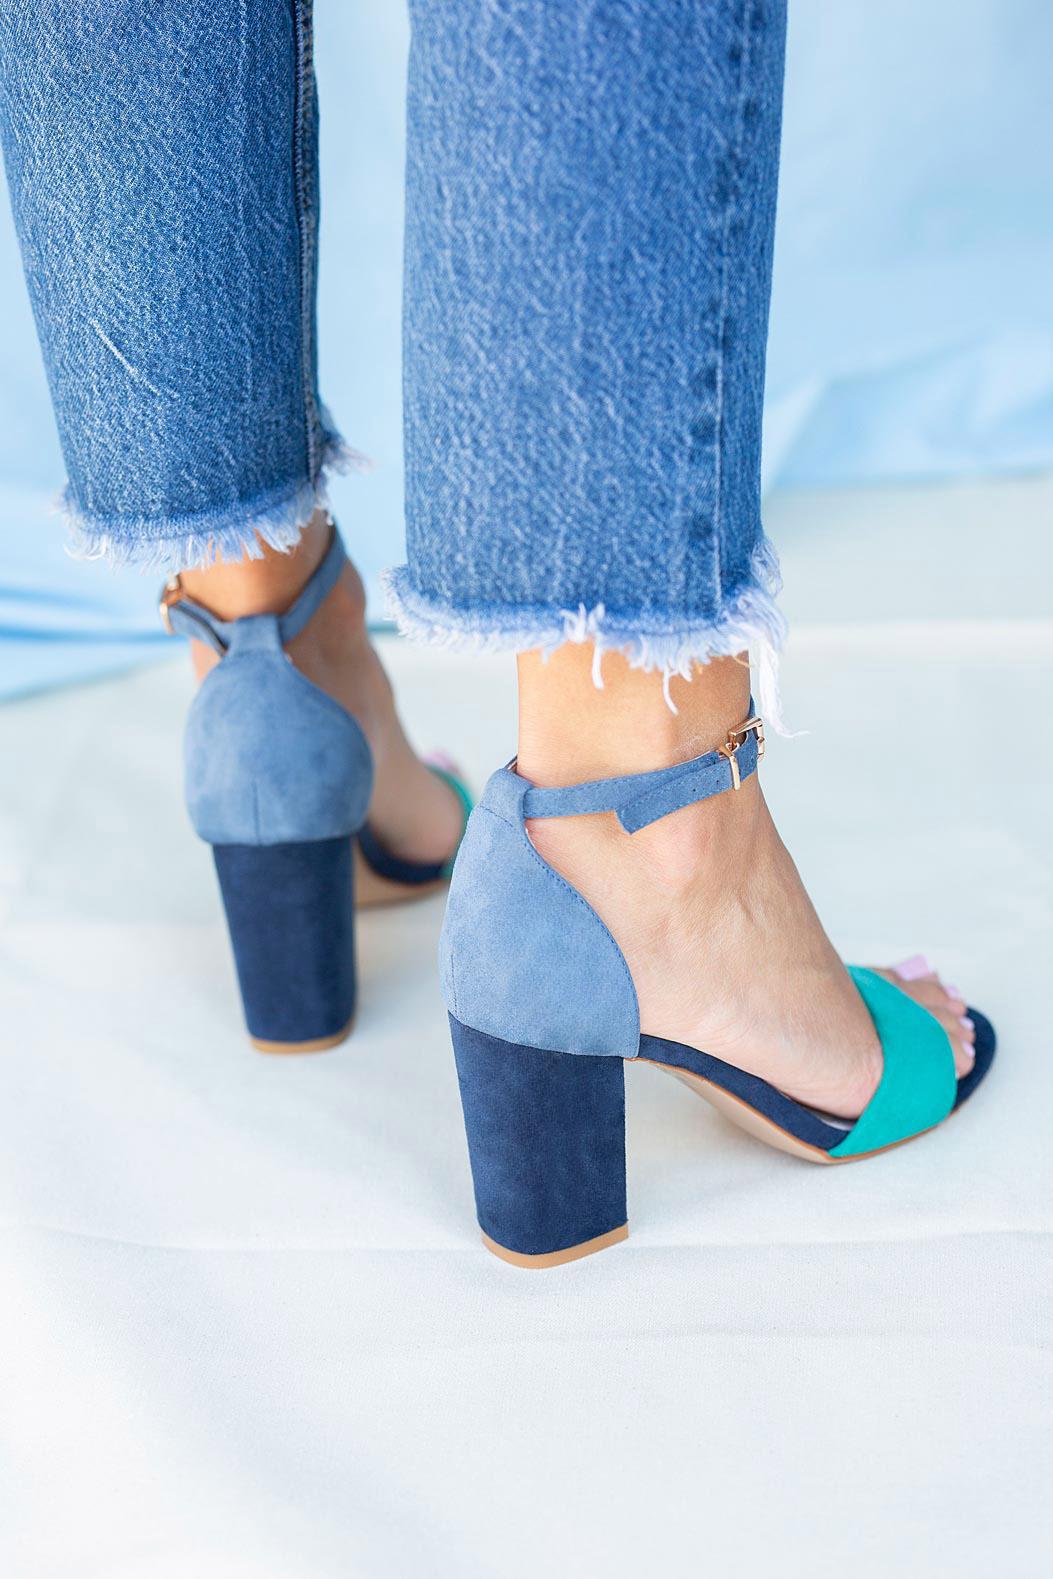 Granatowe sandały na słupku z zakrytą piętą paskiem wokół kostki ze skórzaną wkładką Casu ER20X2/N model ER20X2/N